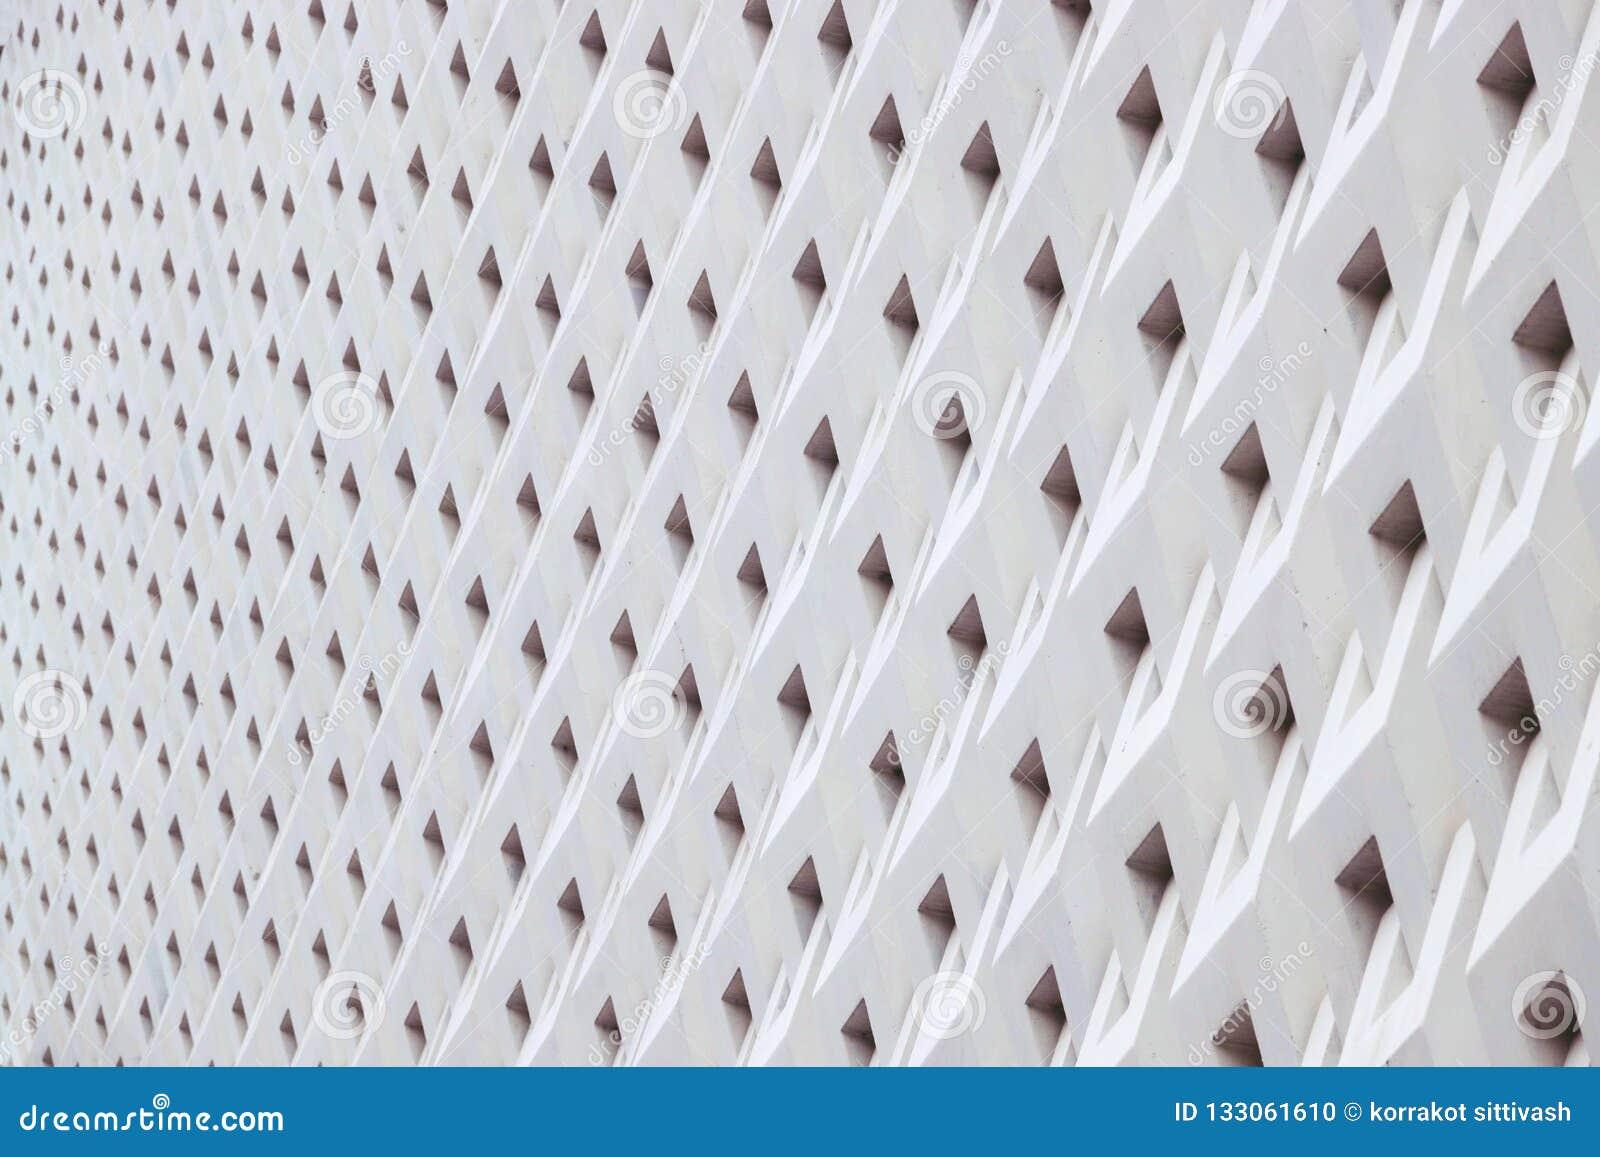 Zementplatte Architekturdetails geometrische Muster-Architekturdetails